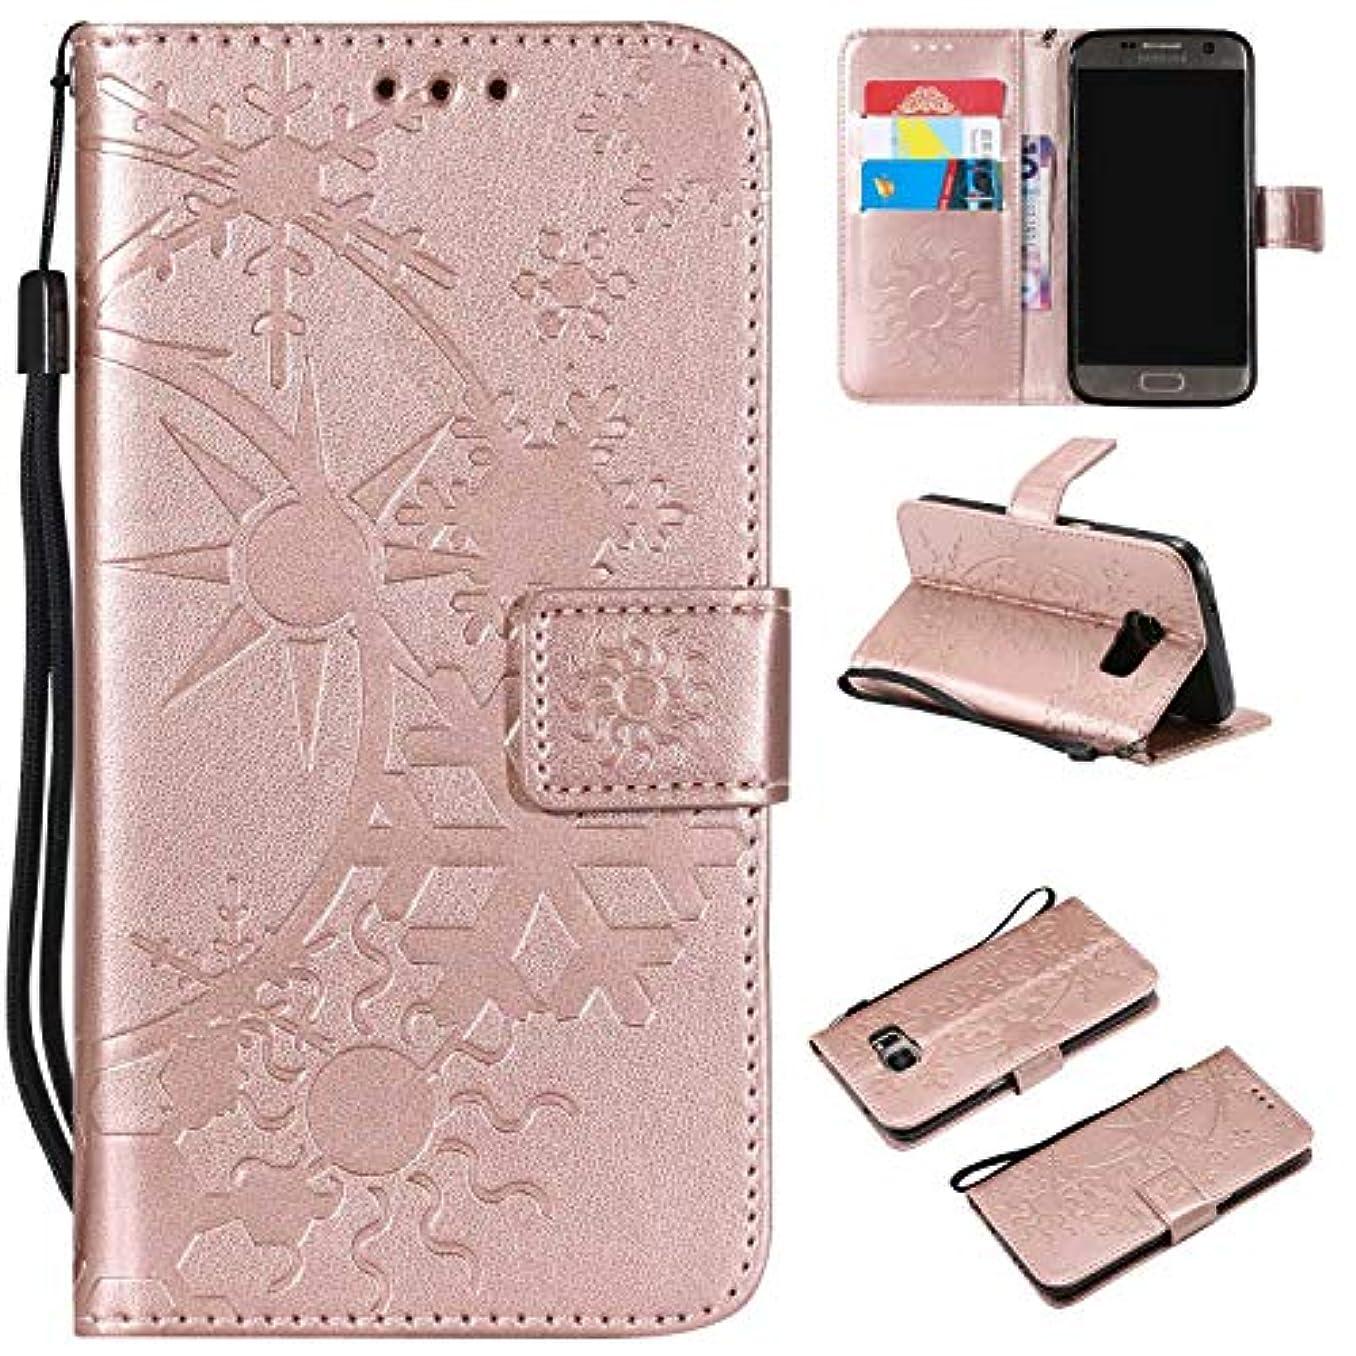 媒染剤セーブ遠えGalaxy S6 ケース CUSKING 手帳型 ケース ストラップ付き かわいい 財布 カバー カードポケット付き Samsung ギャラクシー S6 マジックアレイ ケース - ローズゴールド